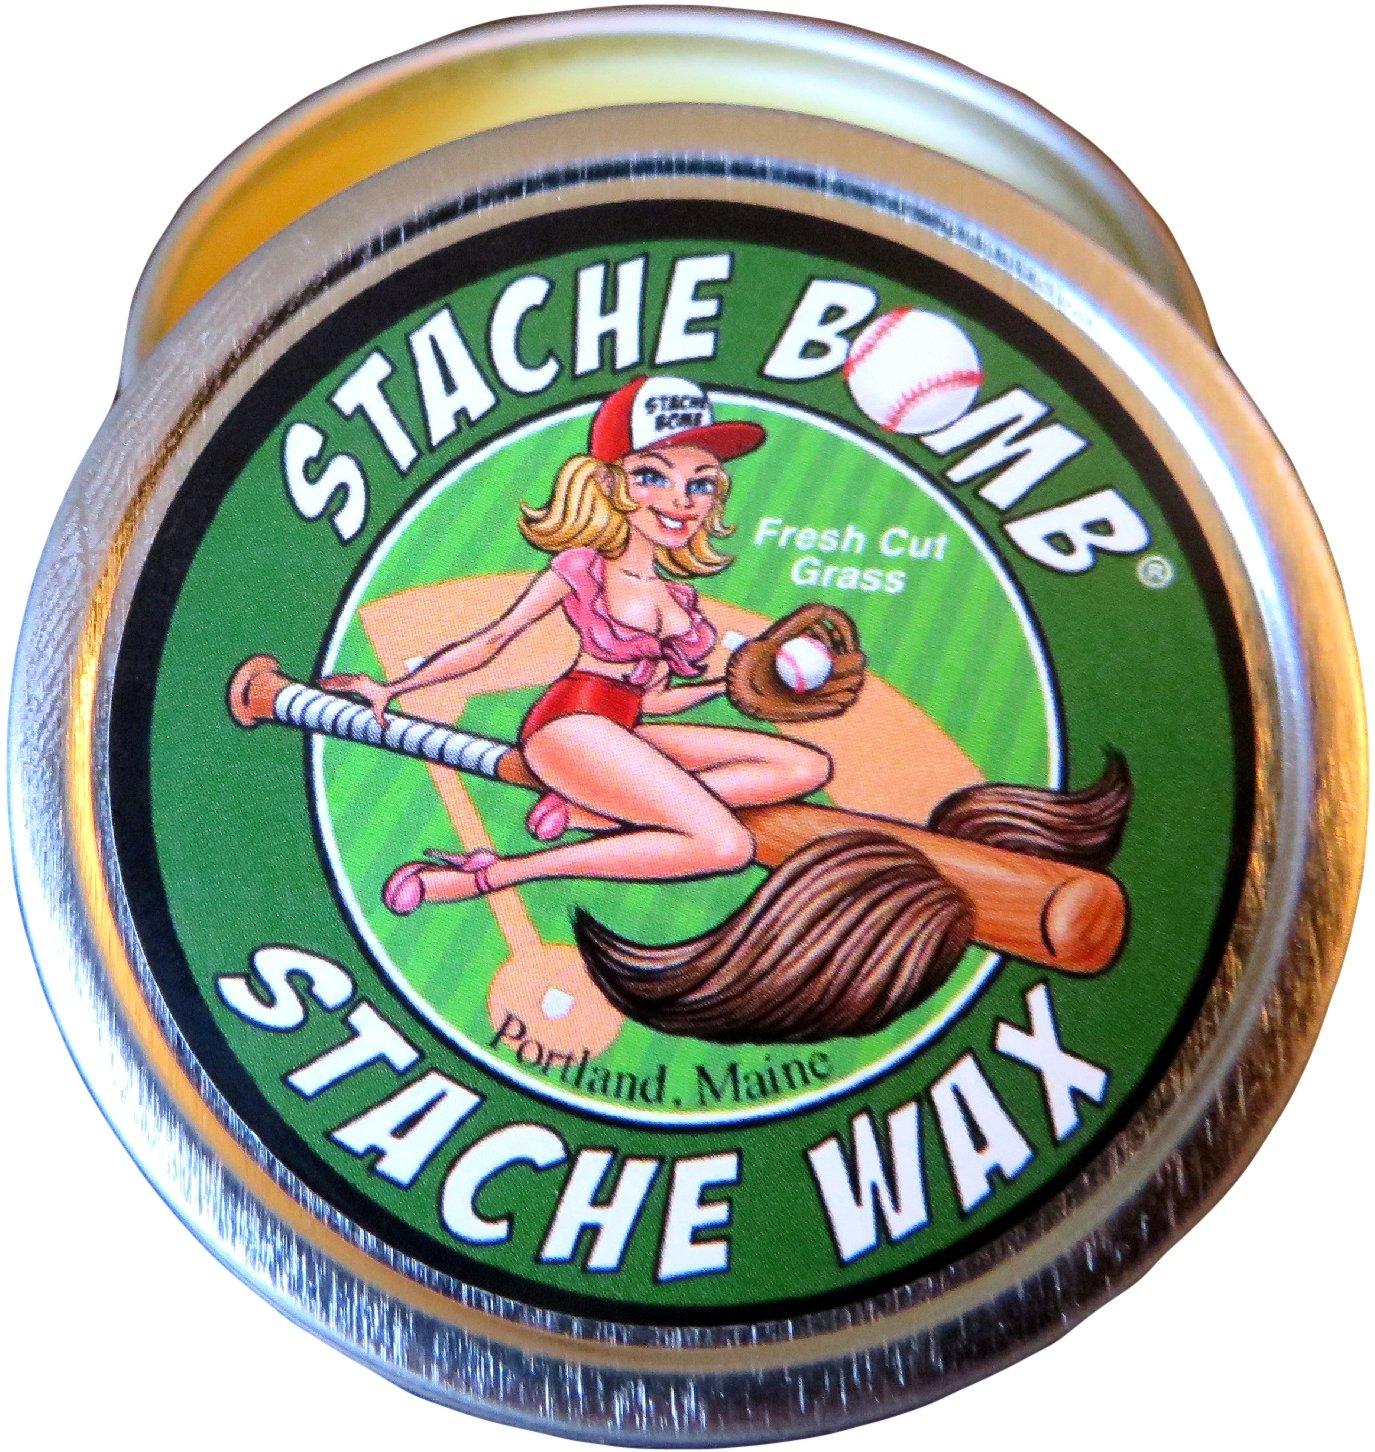 Fresh Cut Grass Stache Bomb Stache Wax- Moustache Wax From Maine